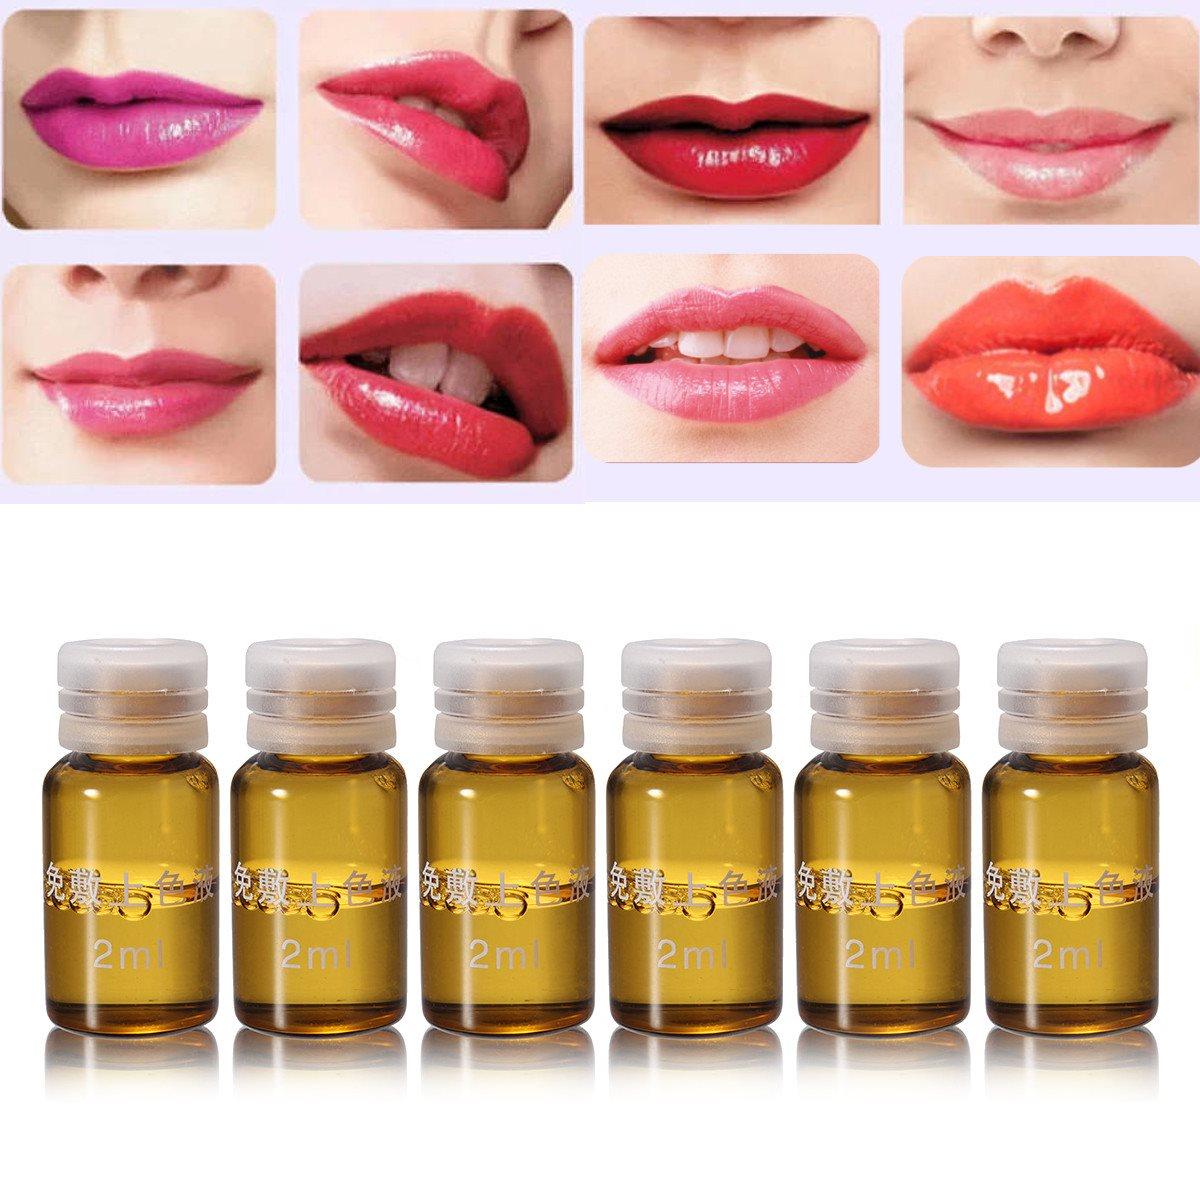 6 teile/schachtel Effektive Augenbrauen Lippen Tattoo Make-Up Feste Farbe Flüssigkeit Permanent Tattoos Make Up Hilfsmittel Innerhalb Eines Minuten